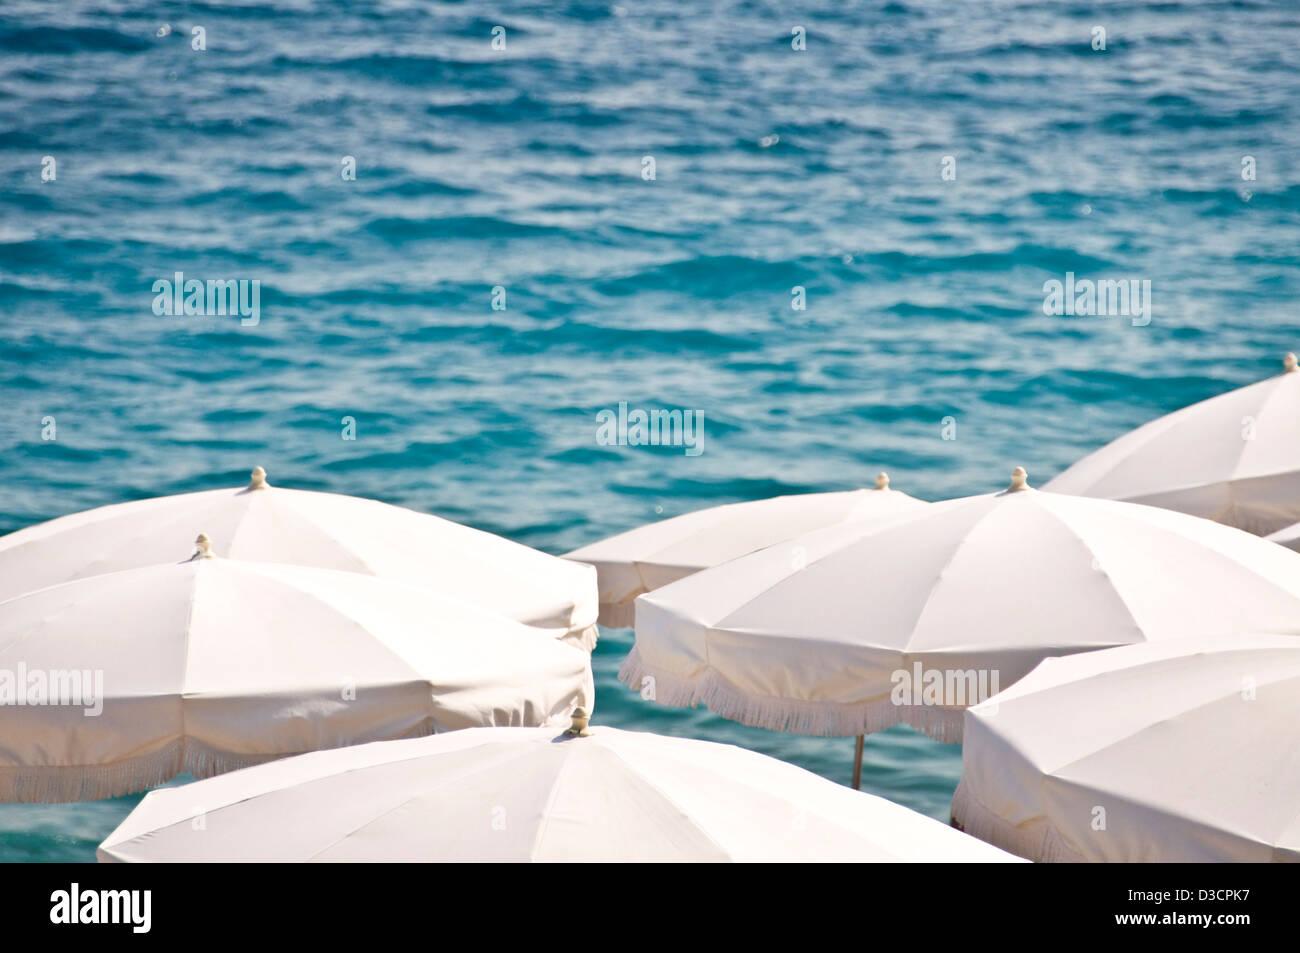 Eigener Strand mit weißen Sonnenschirmen, Meer im Hintergrund Ansicht von oben - Nizza, Frankreich Stockbild